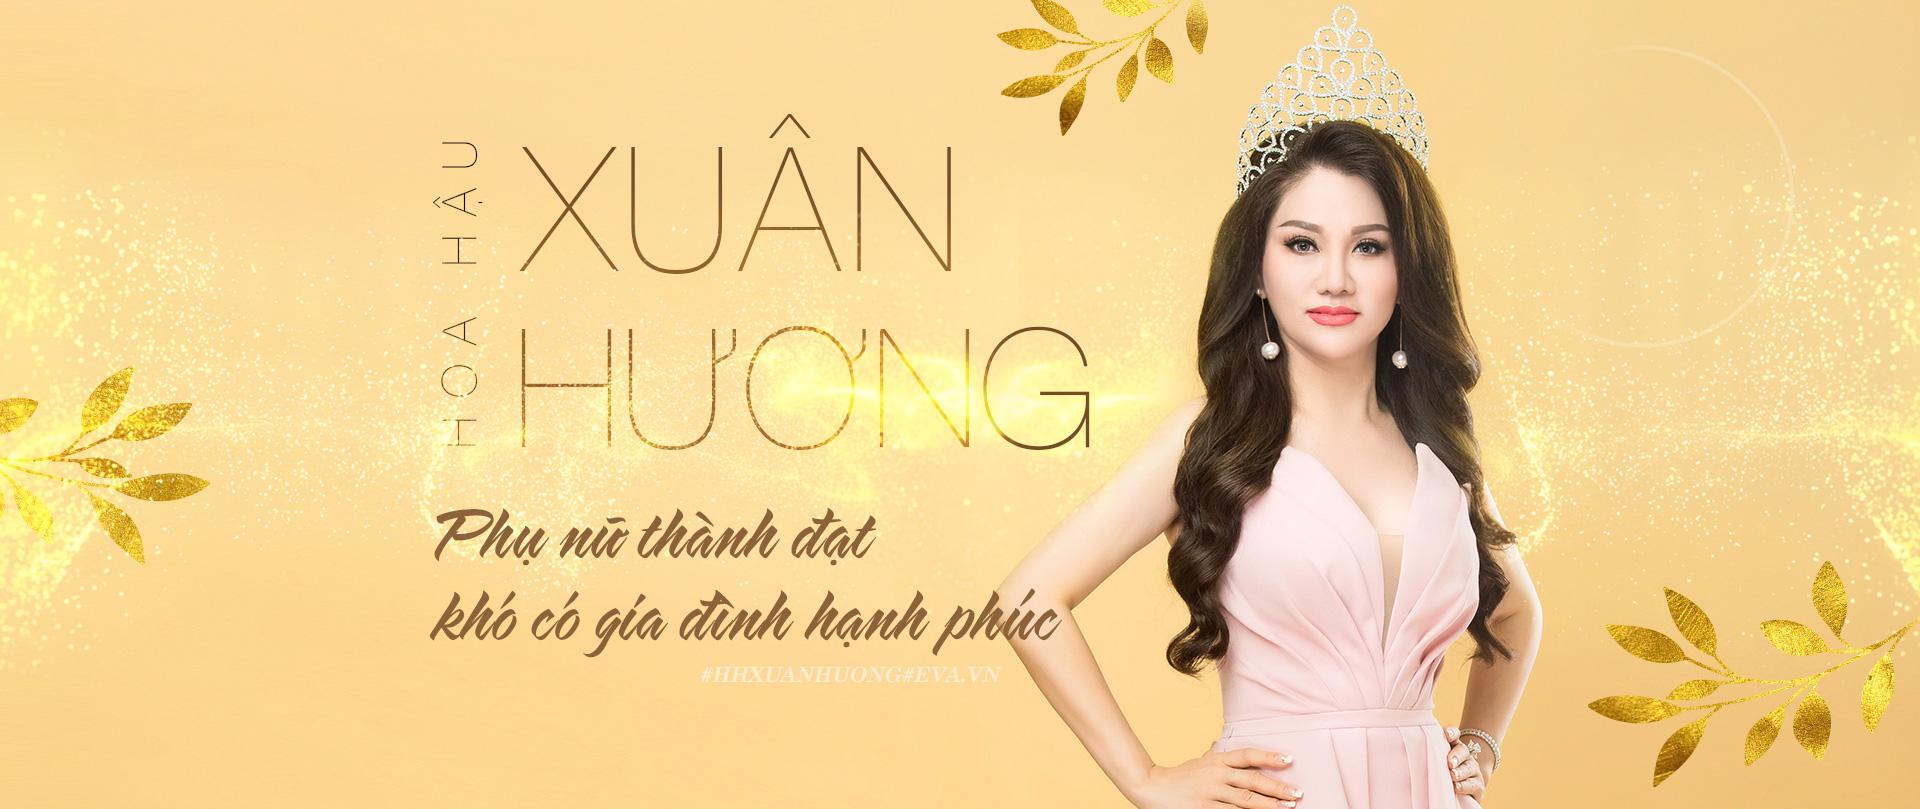 """hoa hau xuan huong: """"phu nu thanh dat kho co gia dinh hanh phuc"""" - 1"""